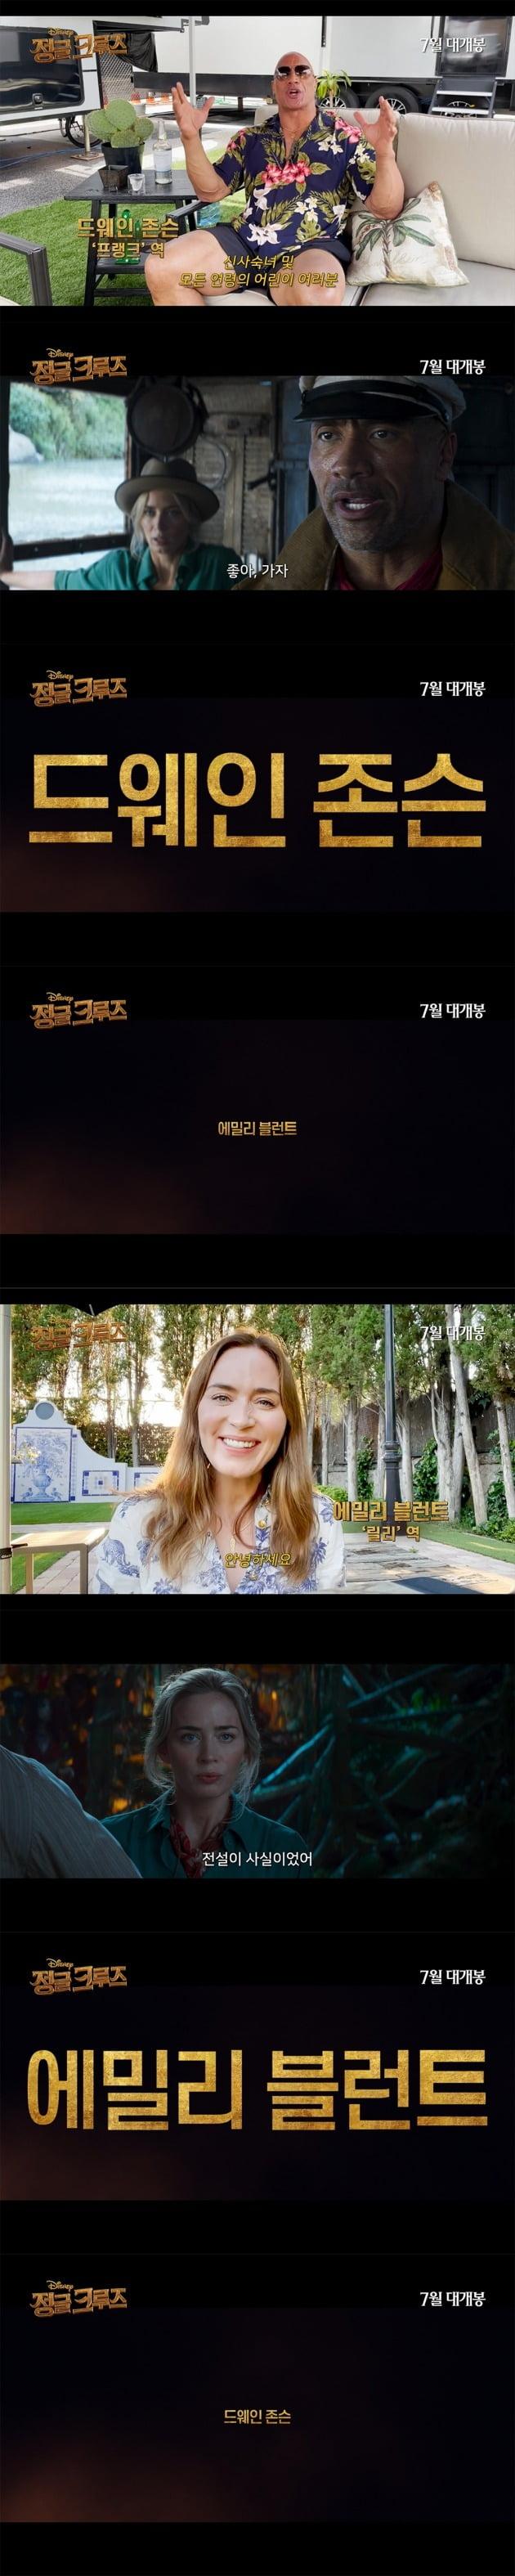 영화 '정글 크루즈' 예고편 / 사진제공=월트디즈니컴퍼니 코리아